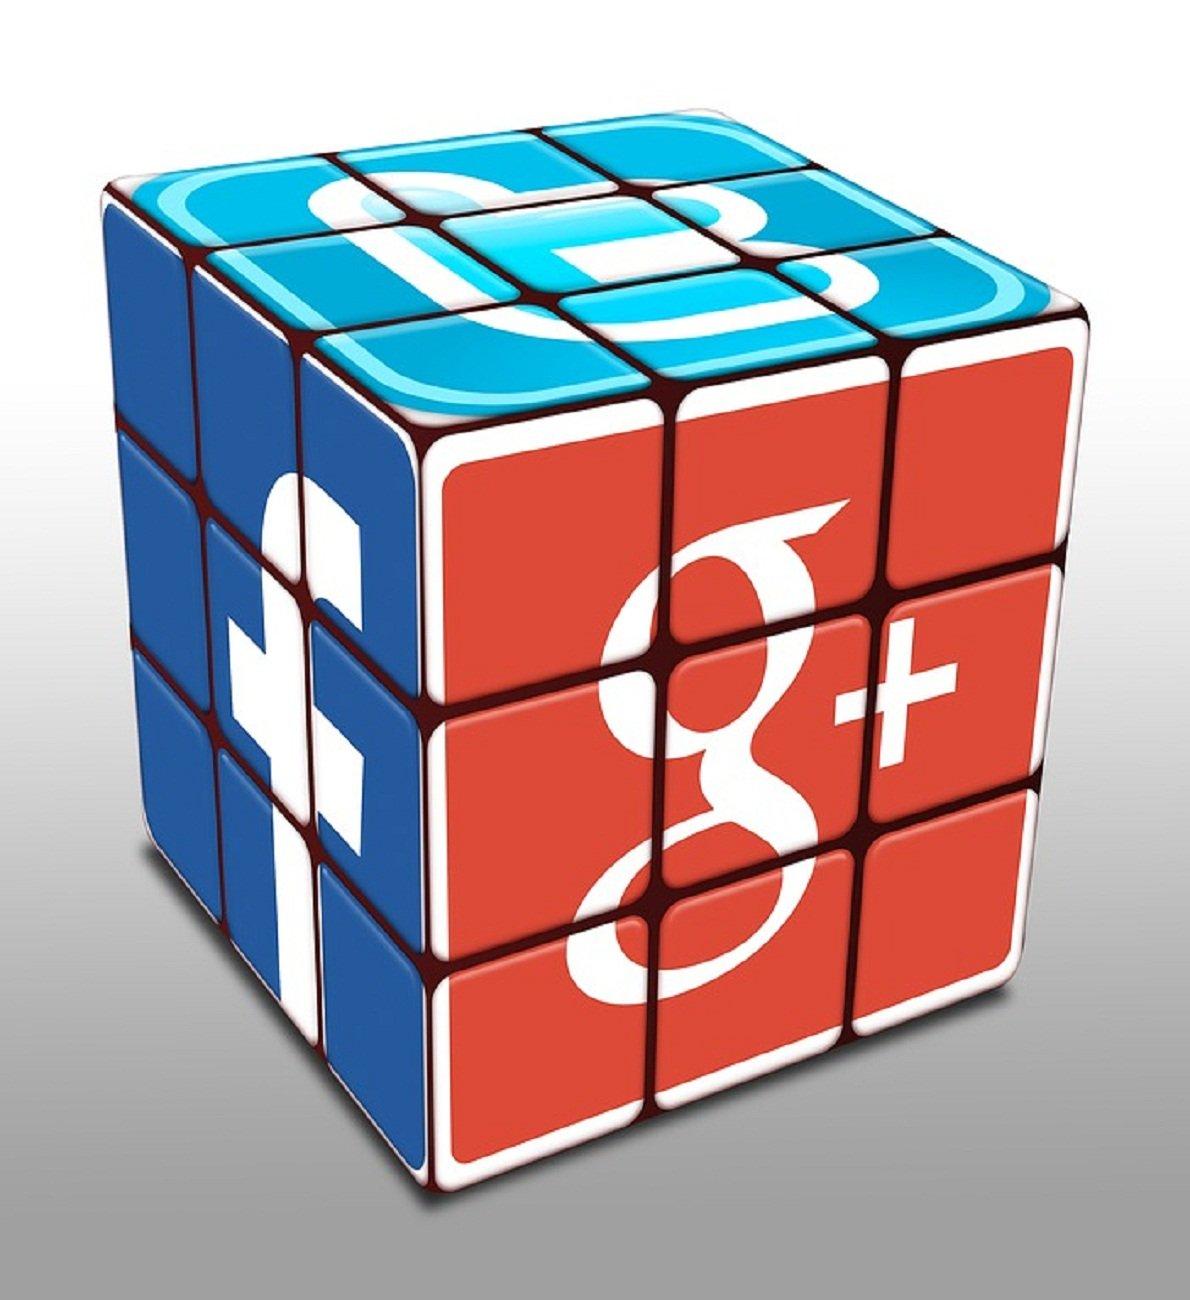 ВГермании собираются приравнять Google и социальная сеть Facebook коператорам связи